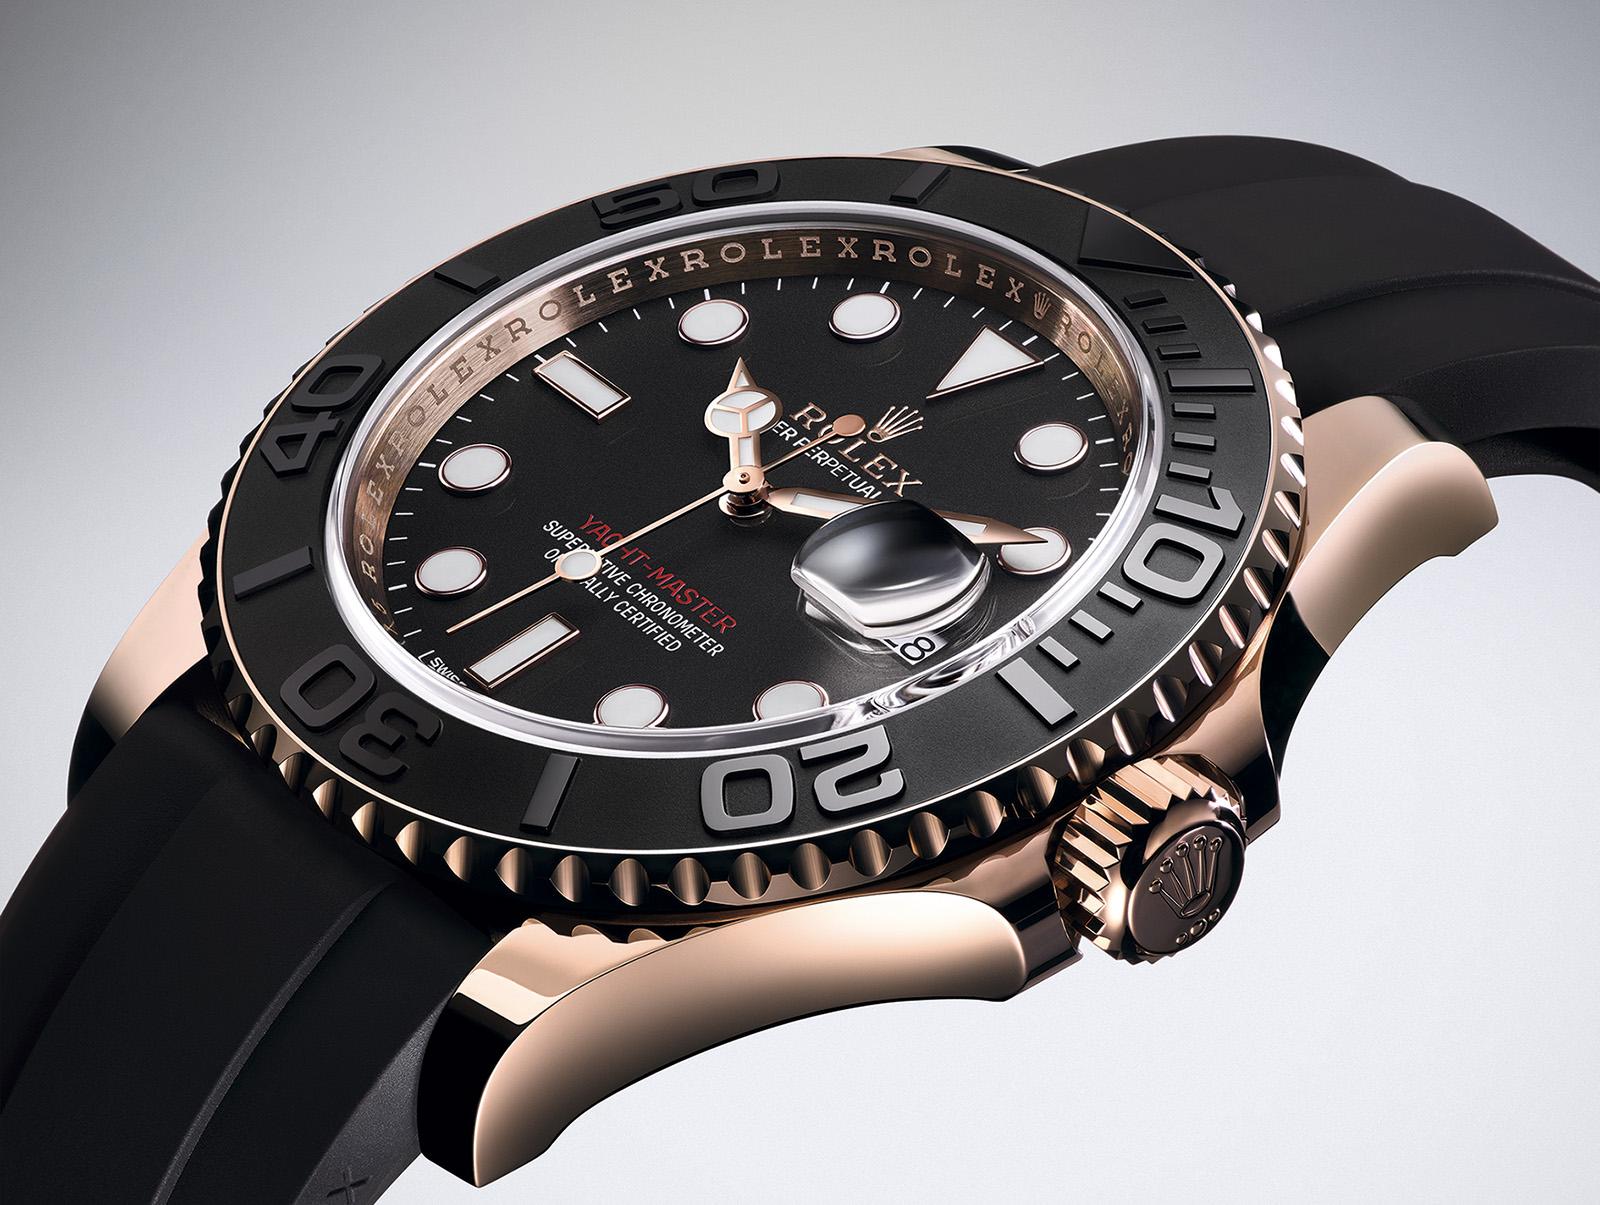 ce904842acb3 Las 7 mejores marcas de relojes de lujo suizos